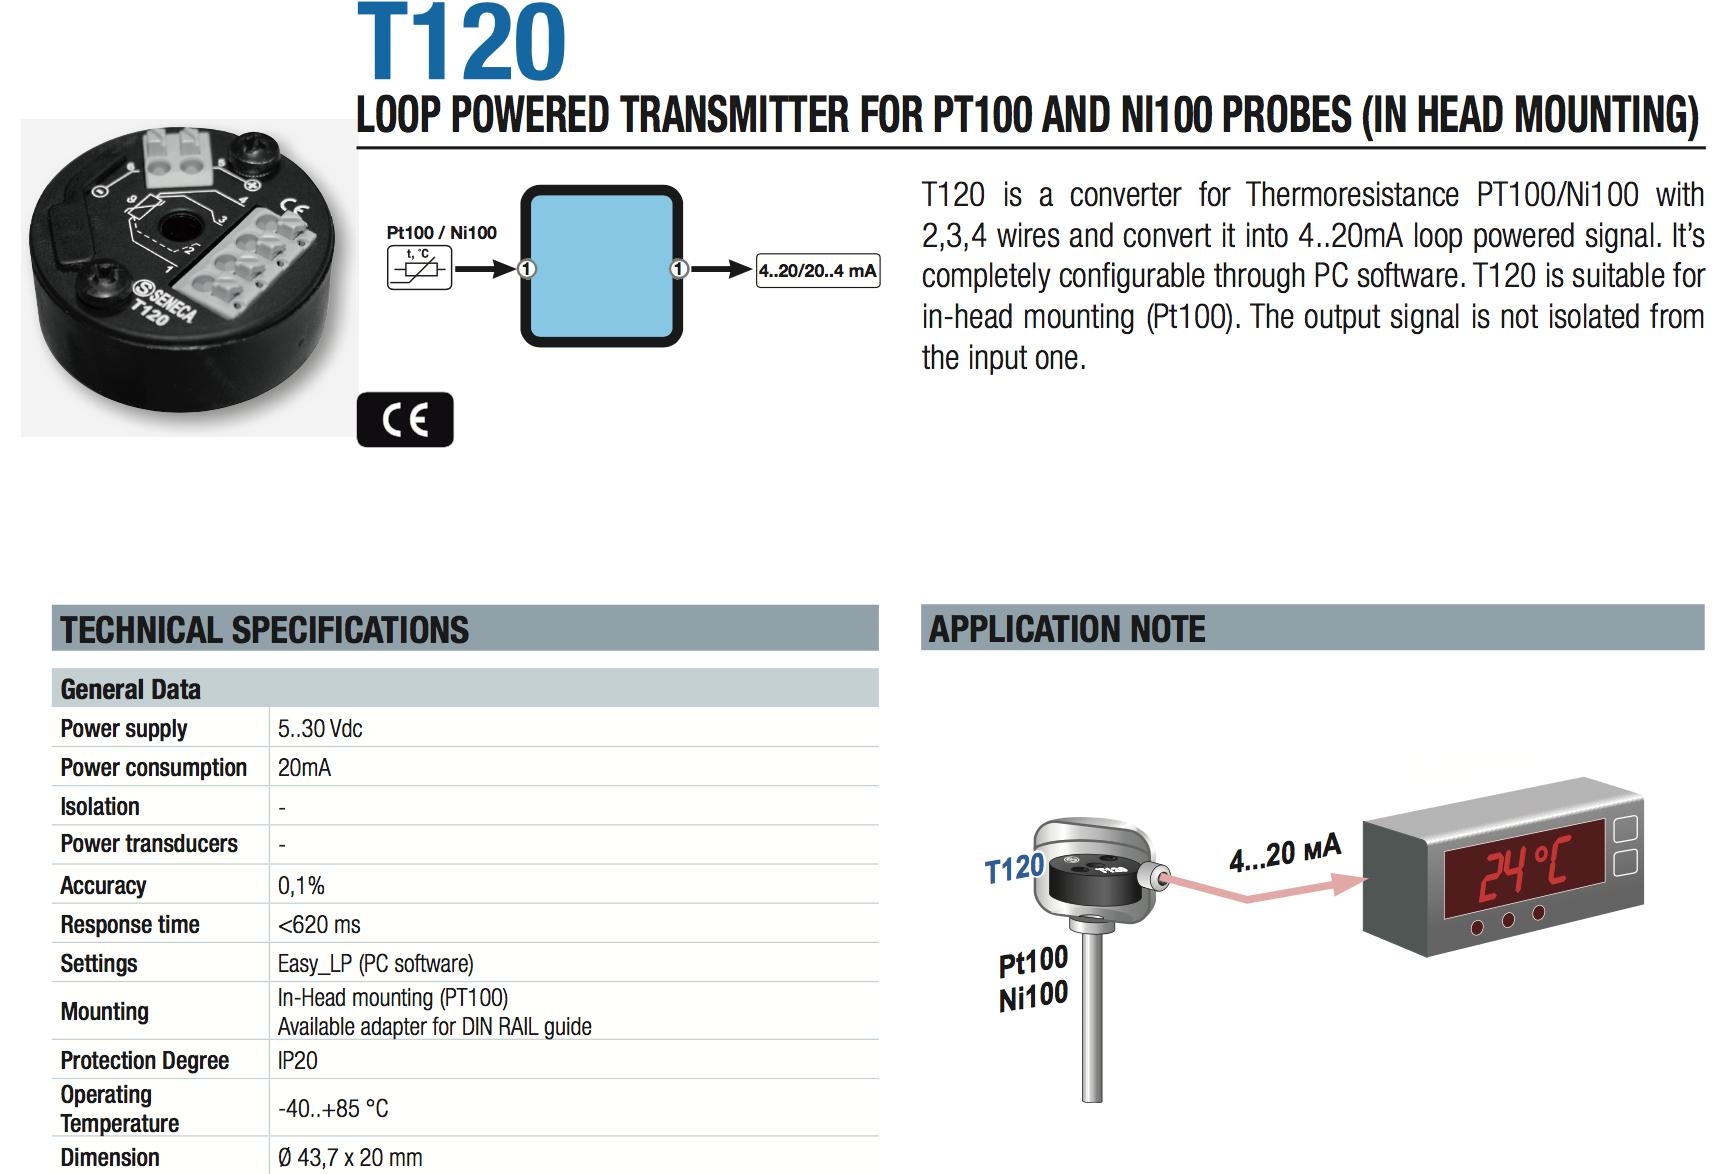 bộ chuyển đổi nhiệt độ pt100 3 dây head mounted